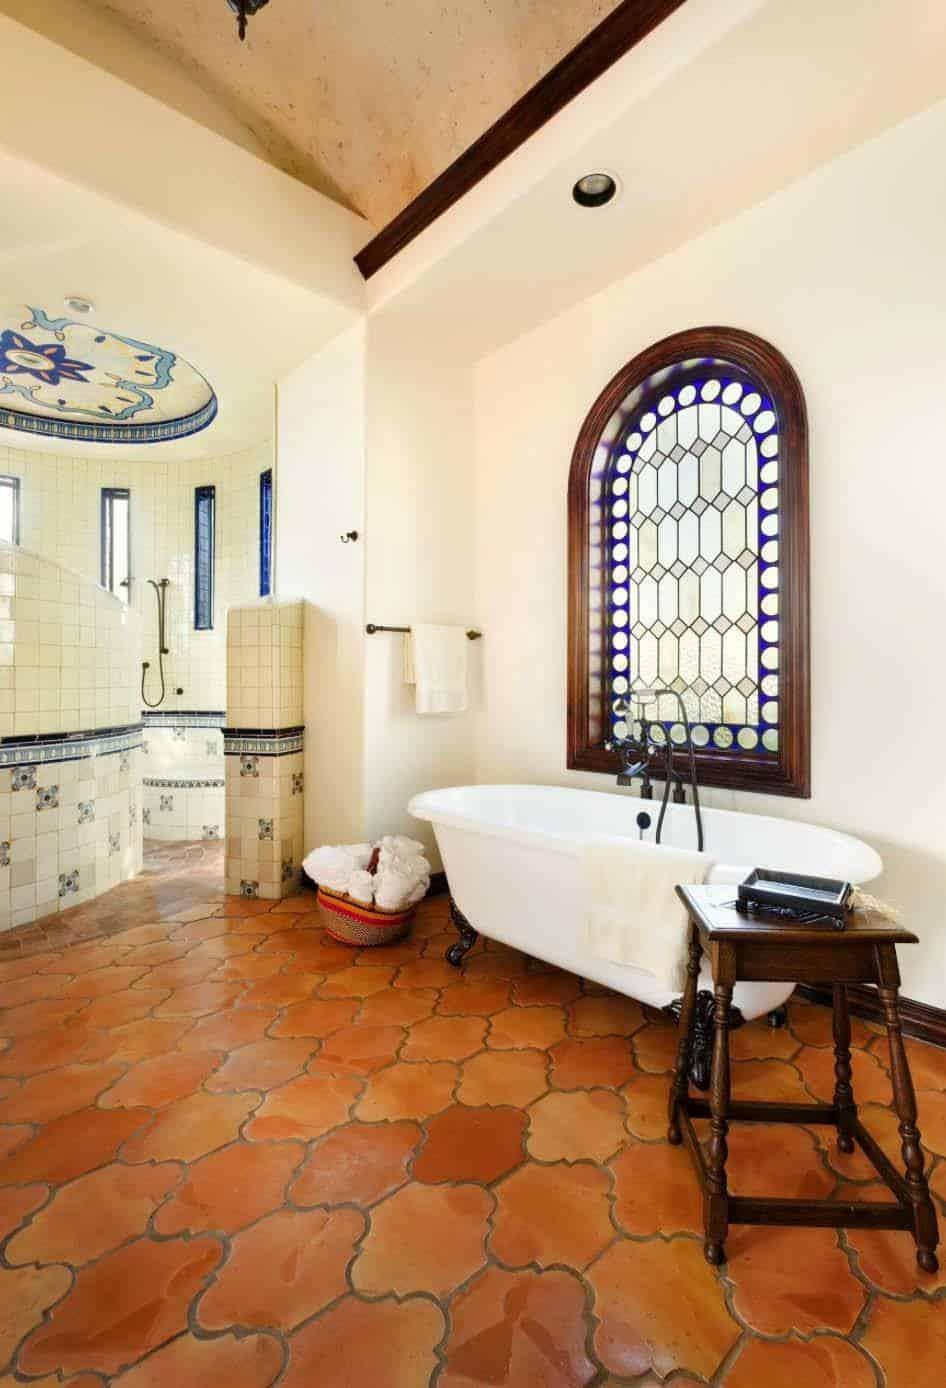 Bathroom-JAUREGUI Architecture Interiors-1 Kindesign